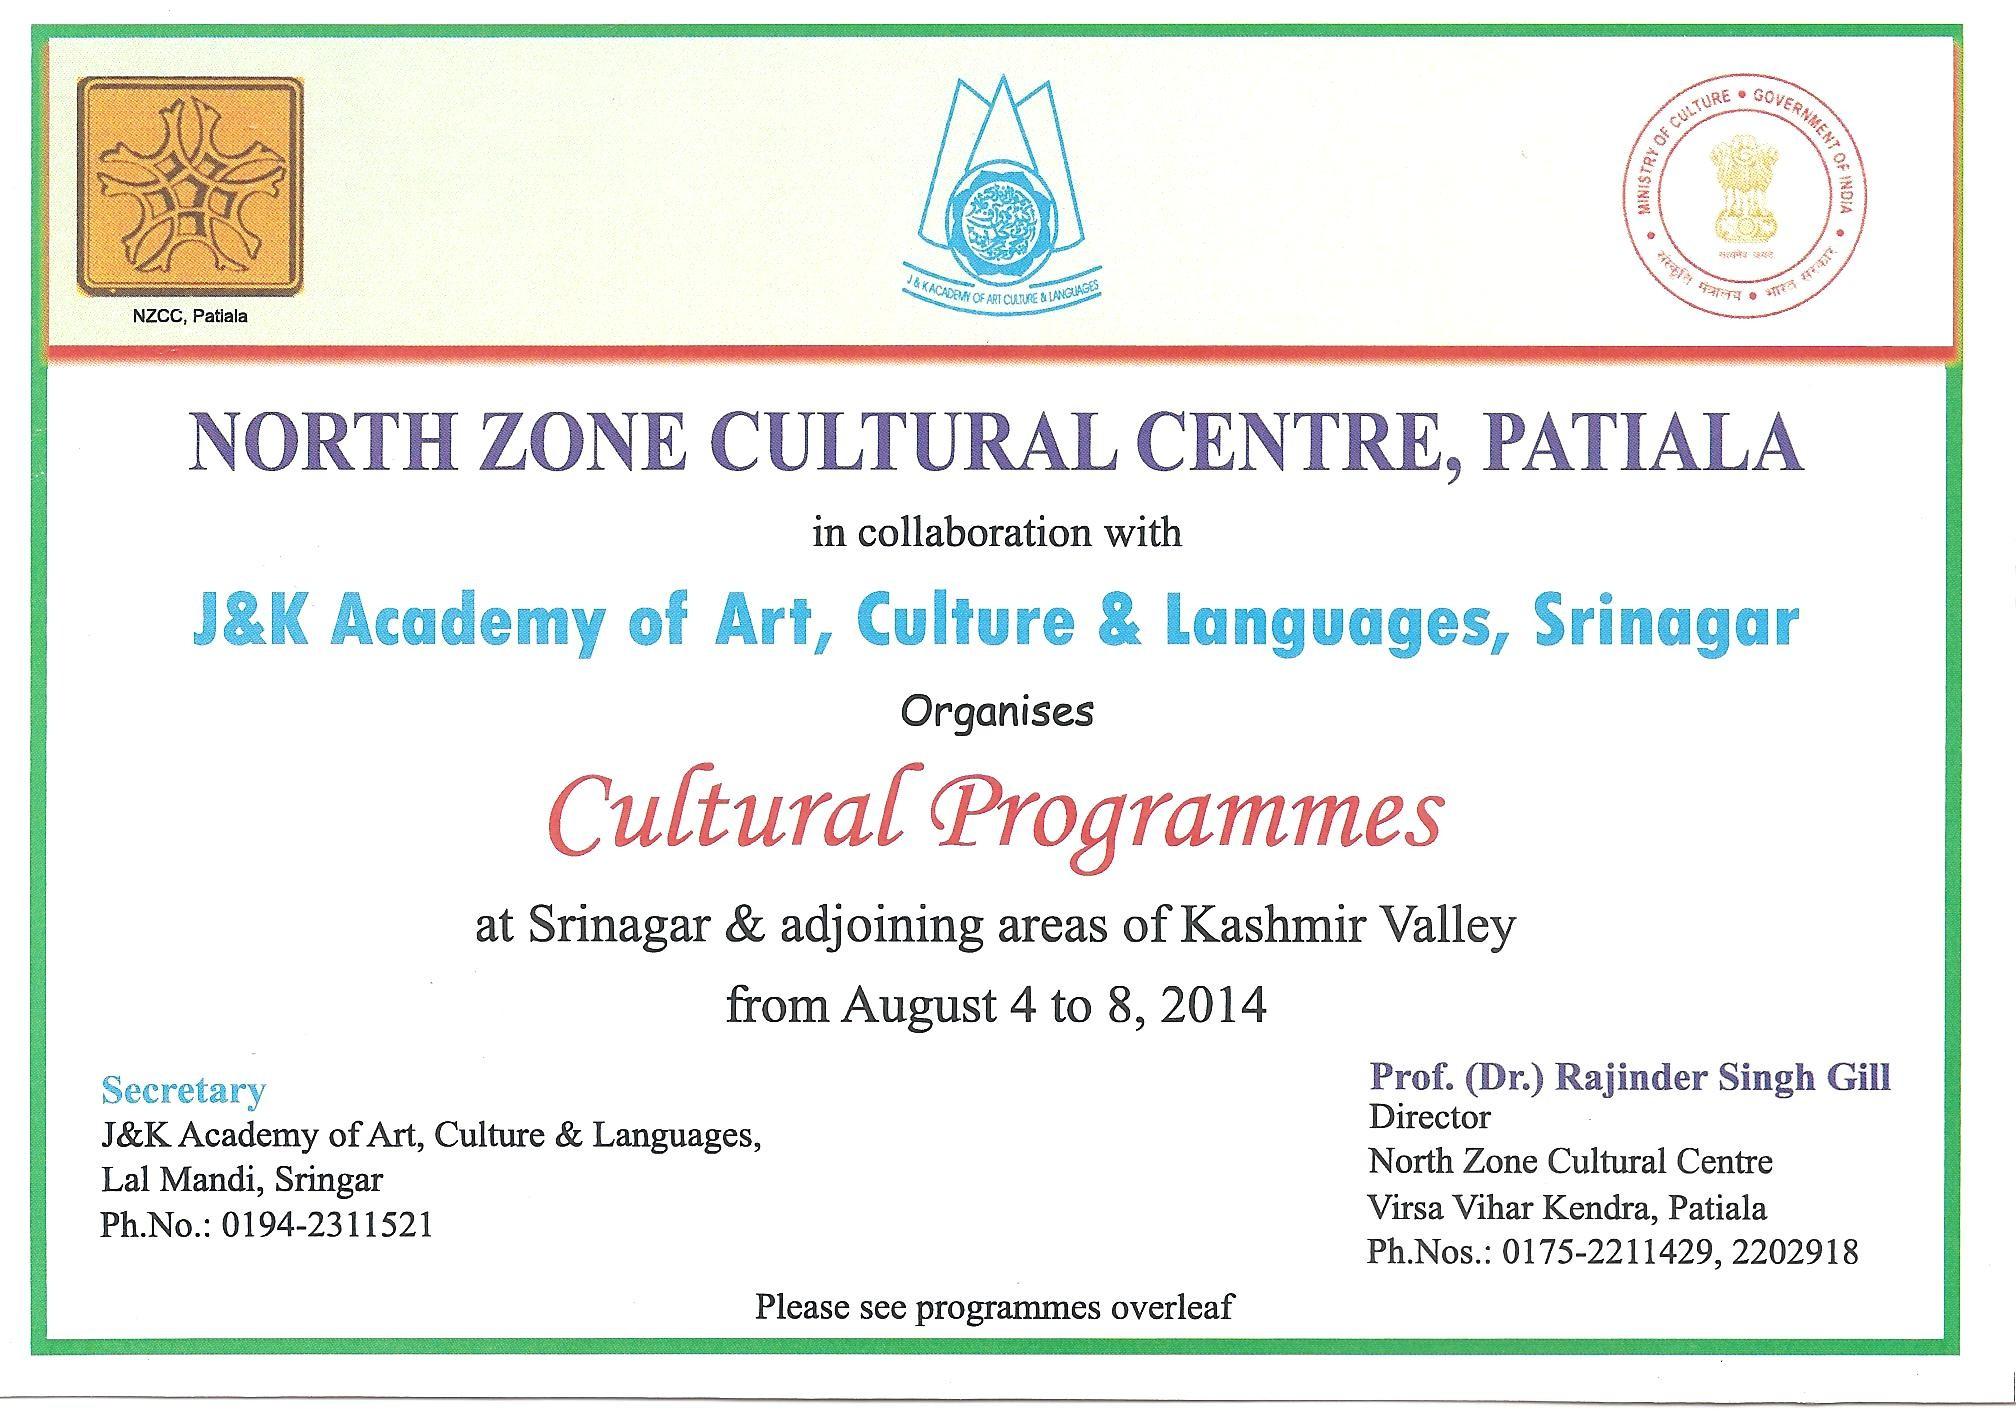 Nanakshahi Calendar March 2019 Recientes north Zone Cultural Centre – Cultural Program at Srinagar Jammu Of Nanakshahi Calendar March 2019 Más Recientes School Year Calendars School Year Calendars